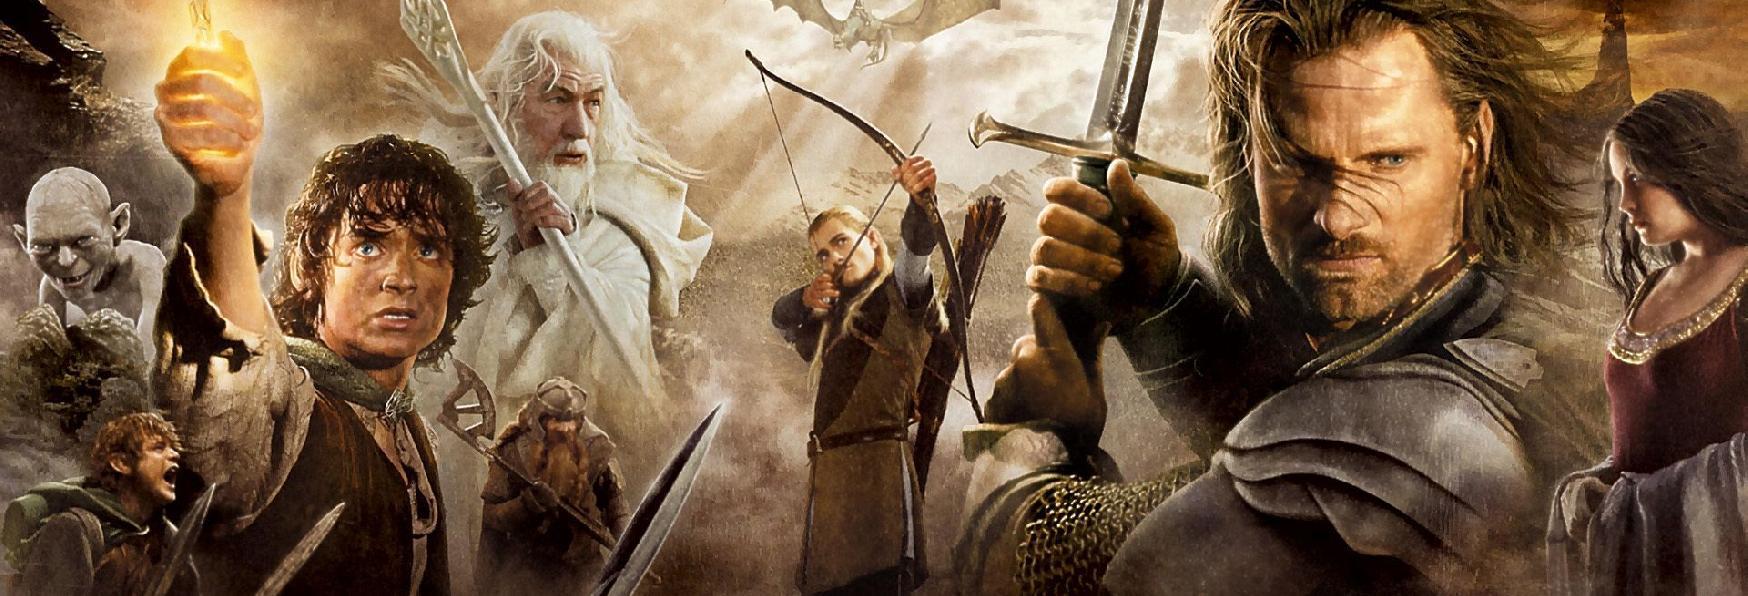 Il Signore degli Anelli: le riprese per la Serie TV Amazon inizieranno quest'anno, in Scozia